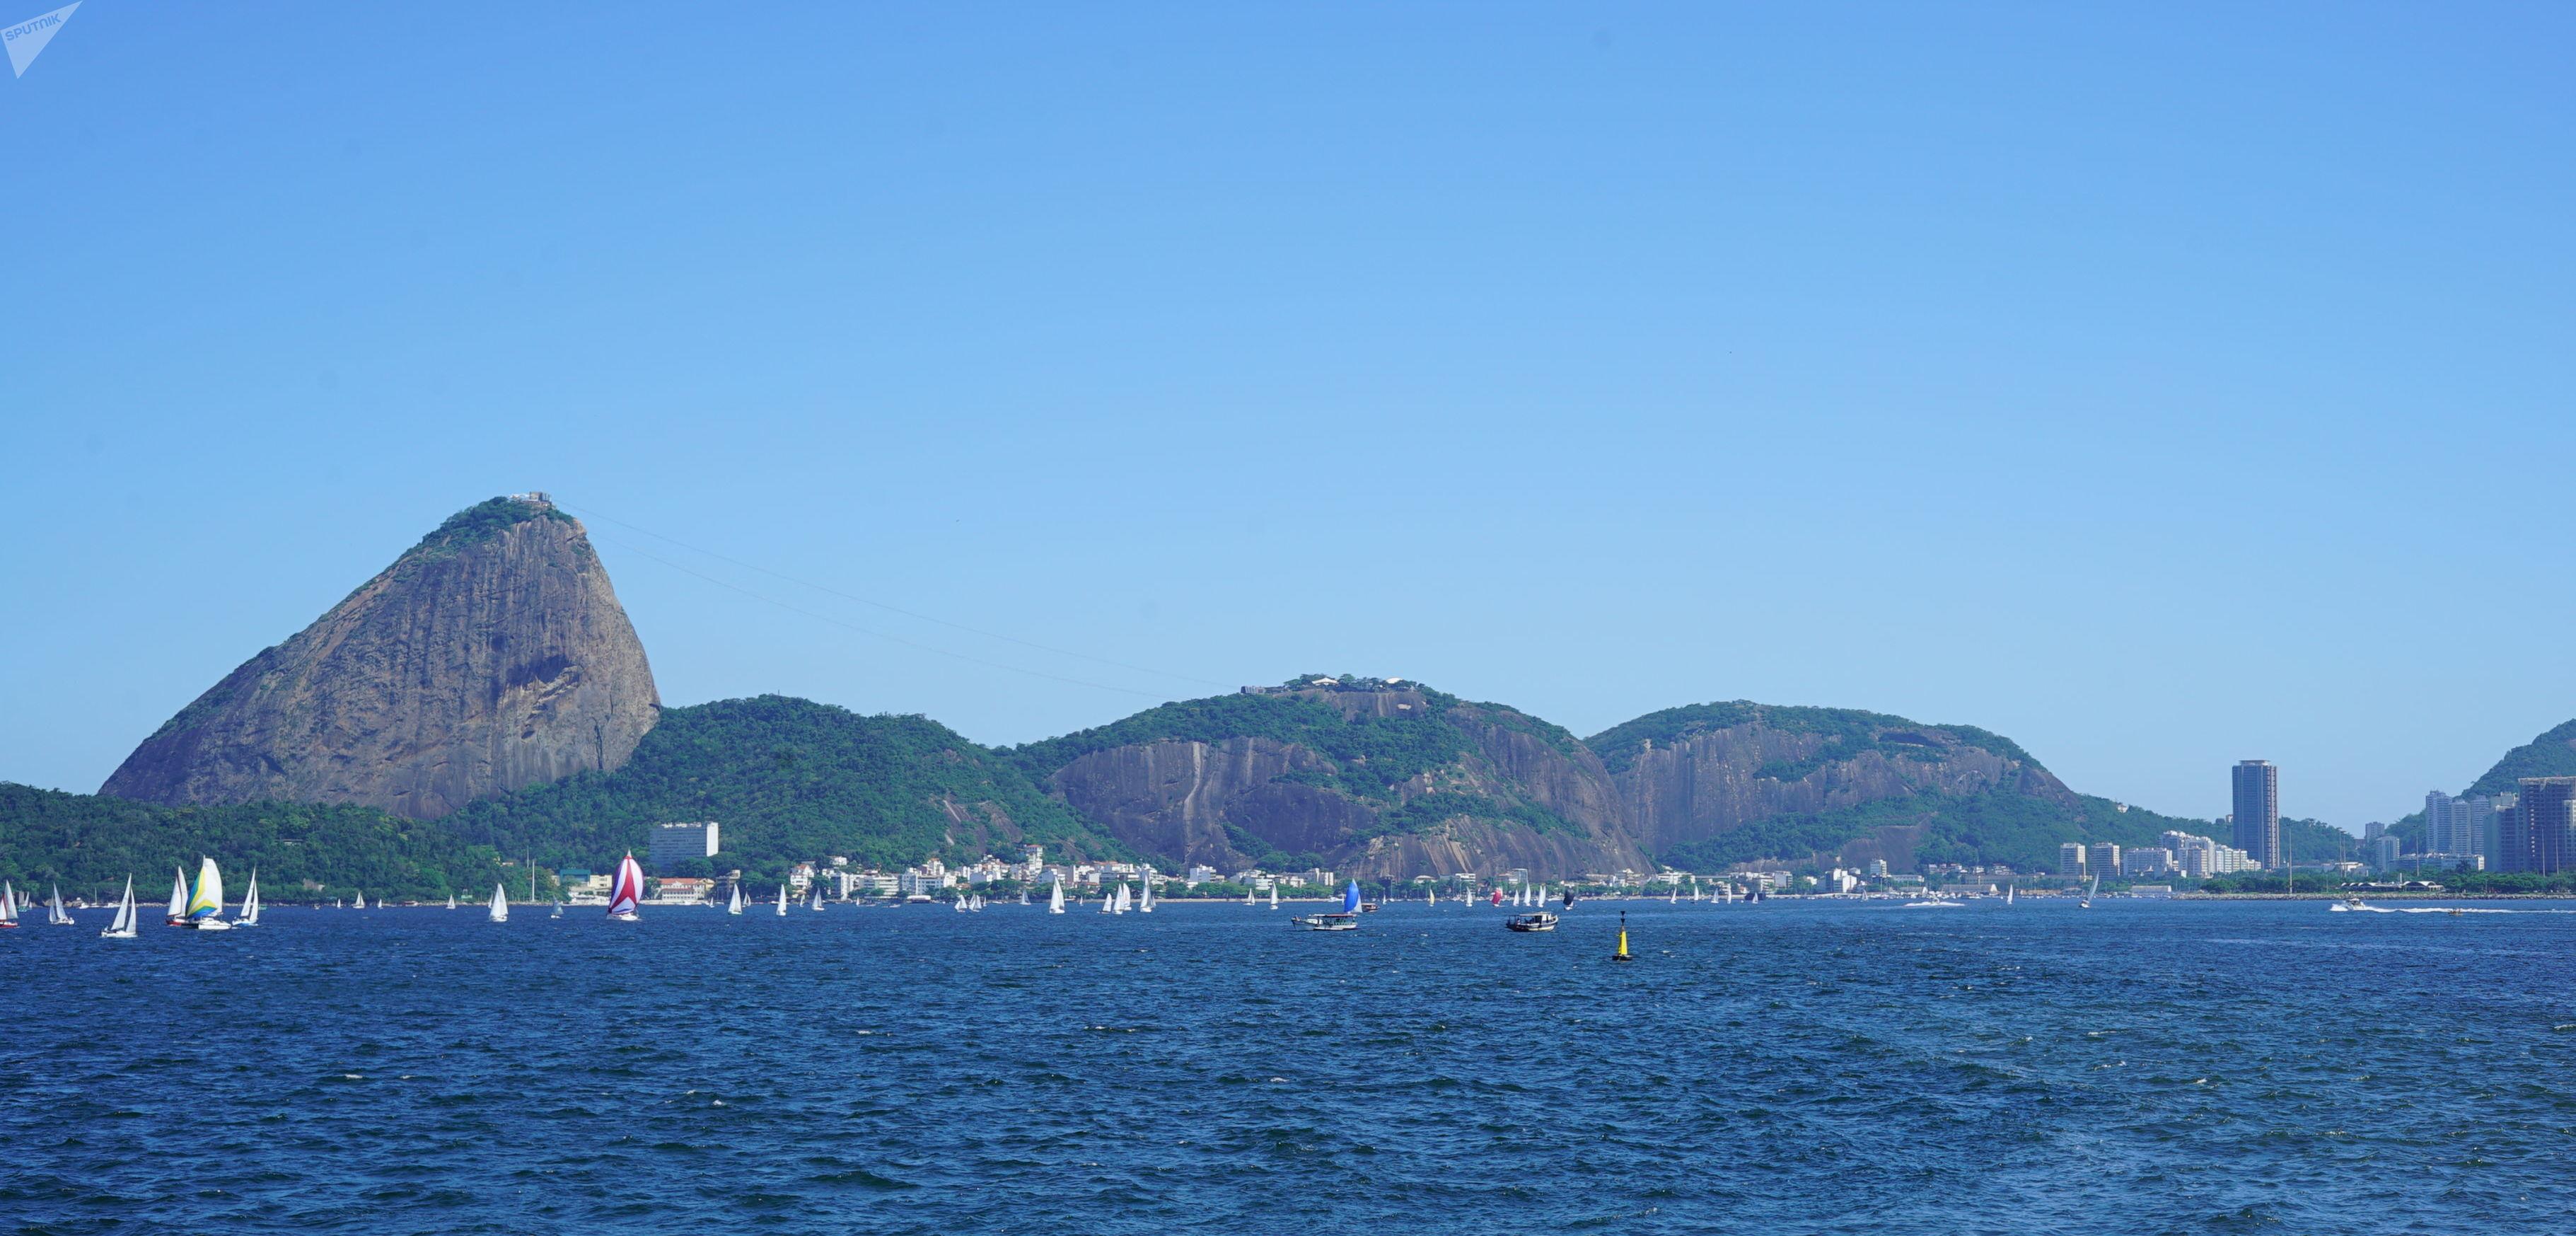 Vista das embarcações em competição na baía de Guanabara durante a 74ª Regata Escola Naval